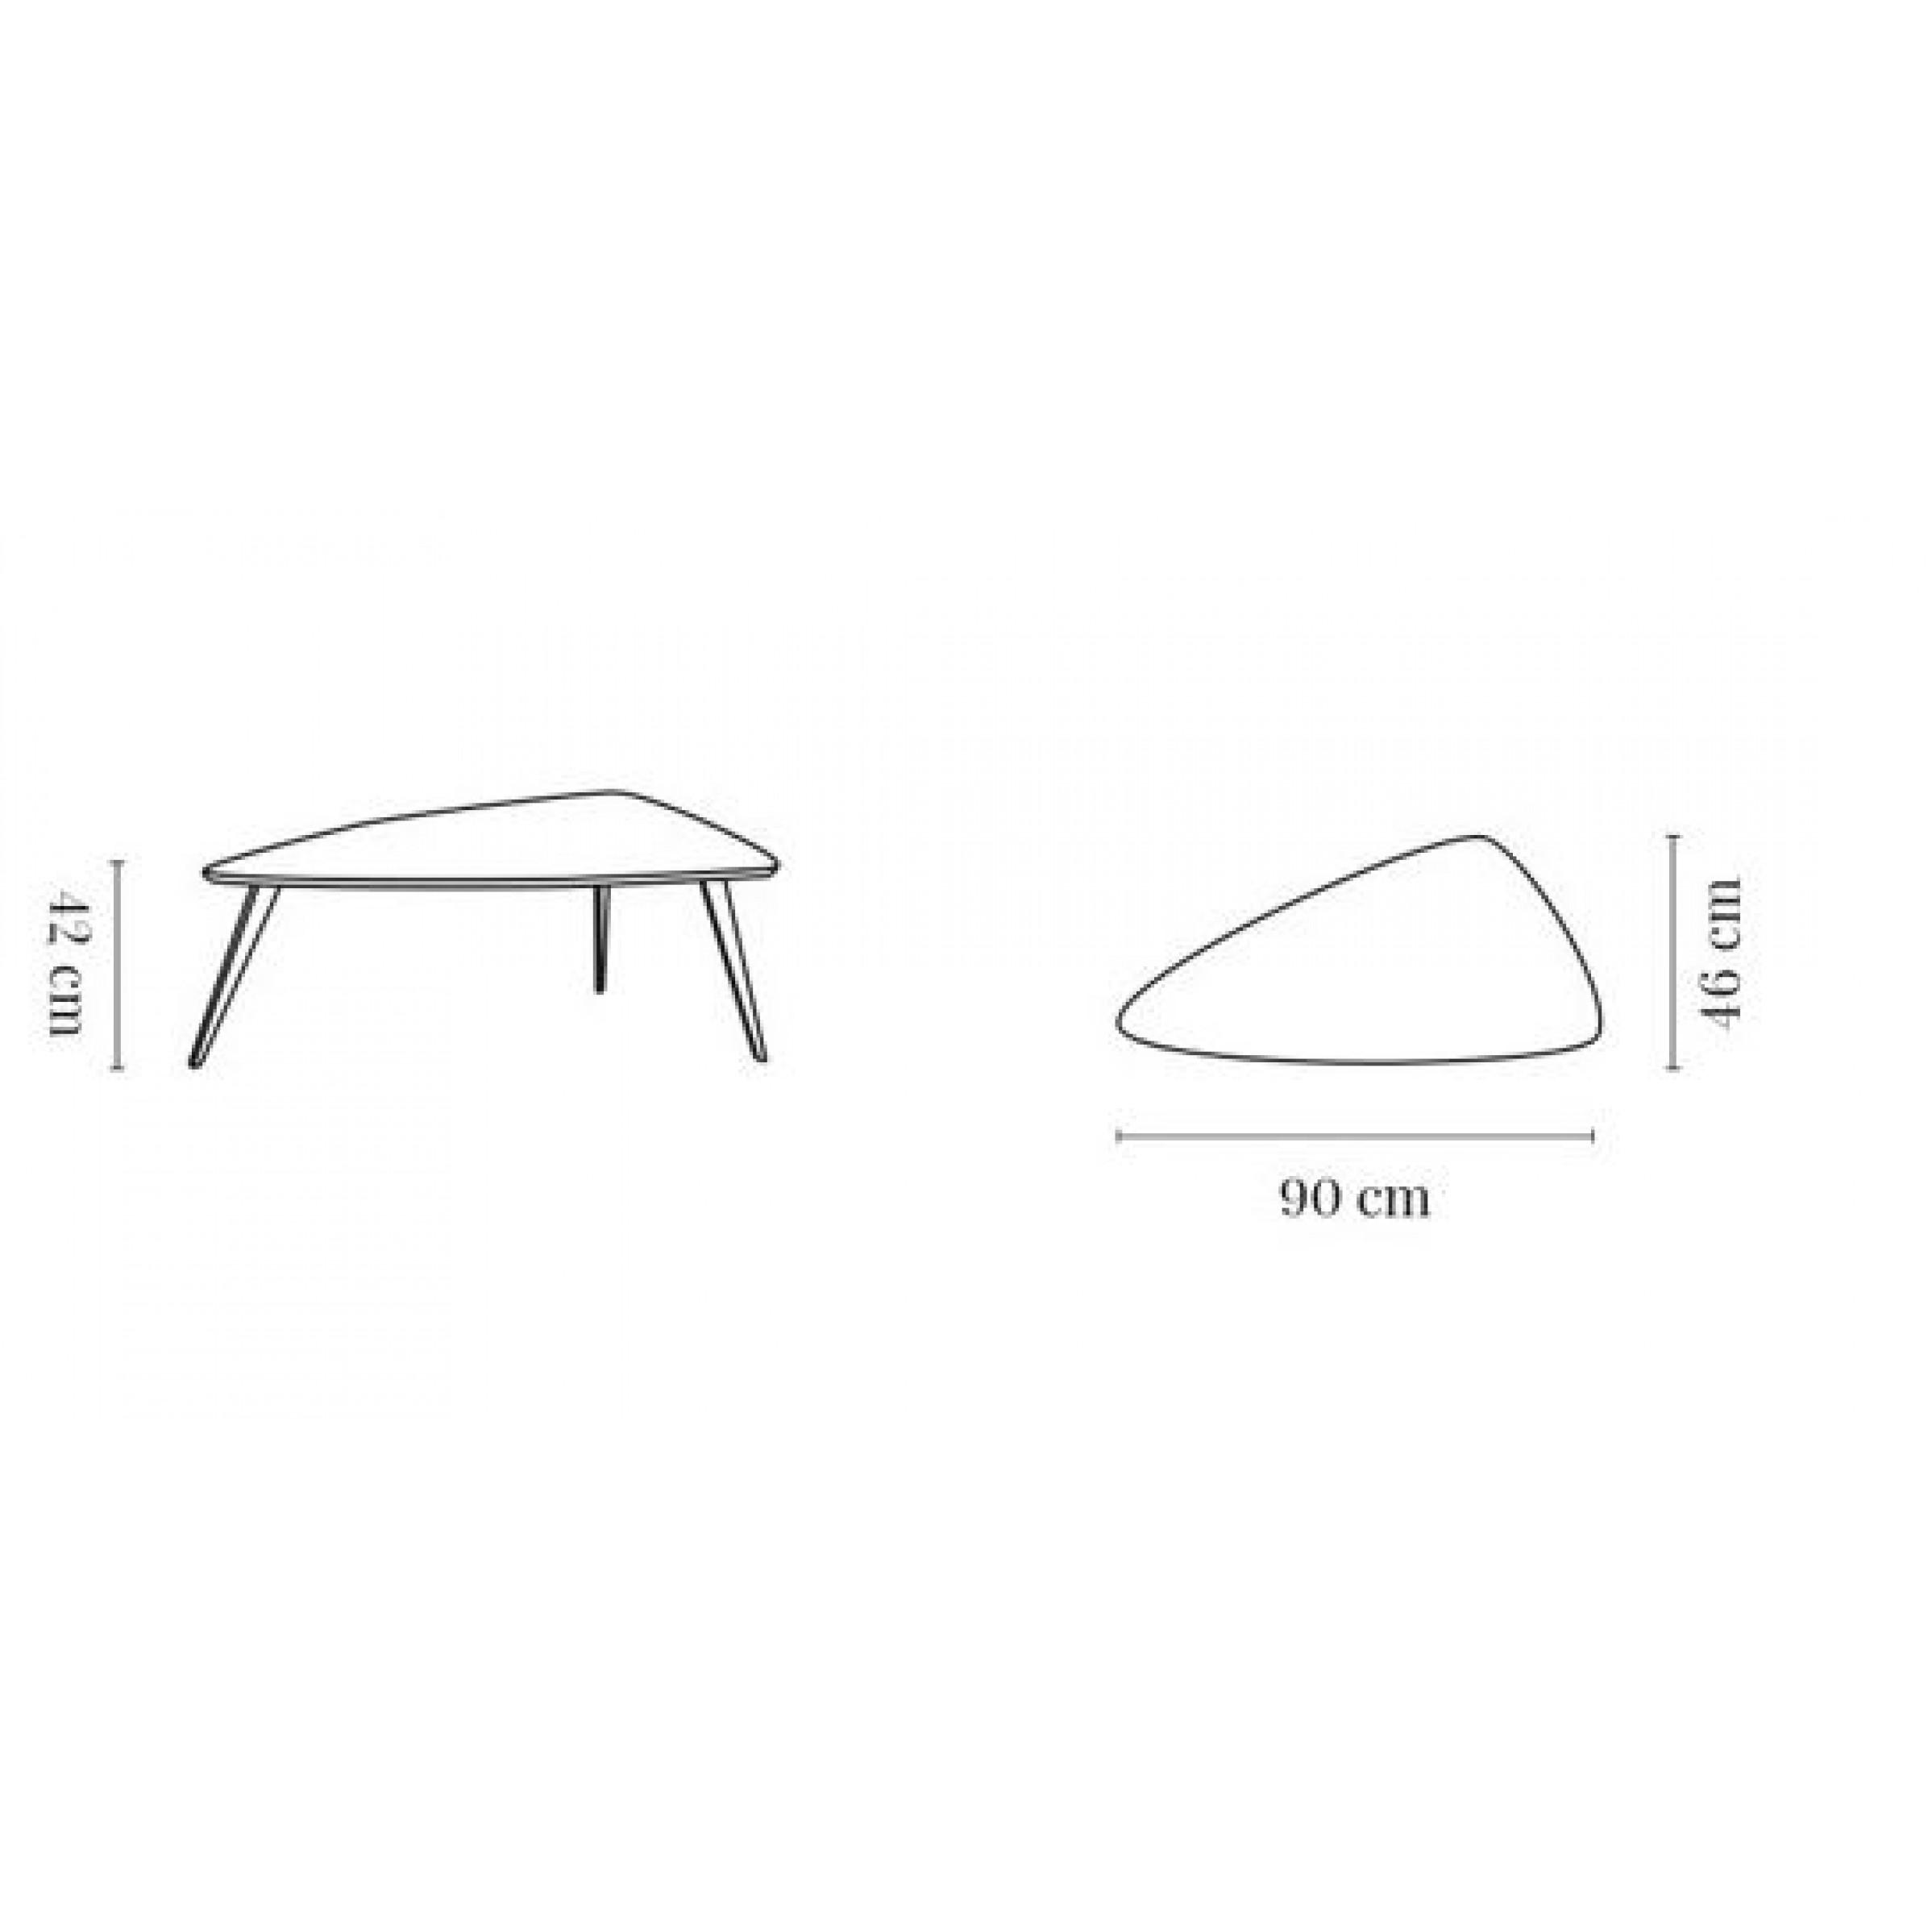 Long Coffee Table 366 Triangle M | Dark Oak